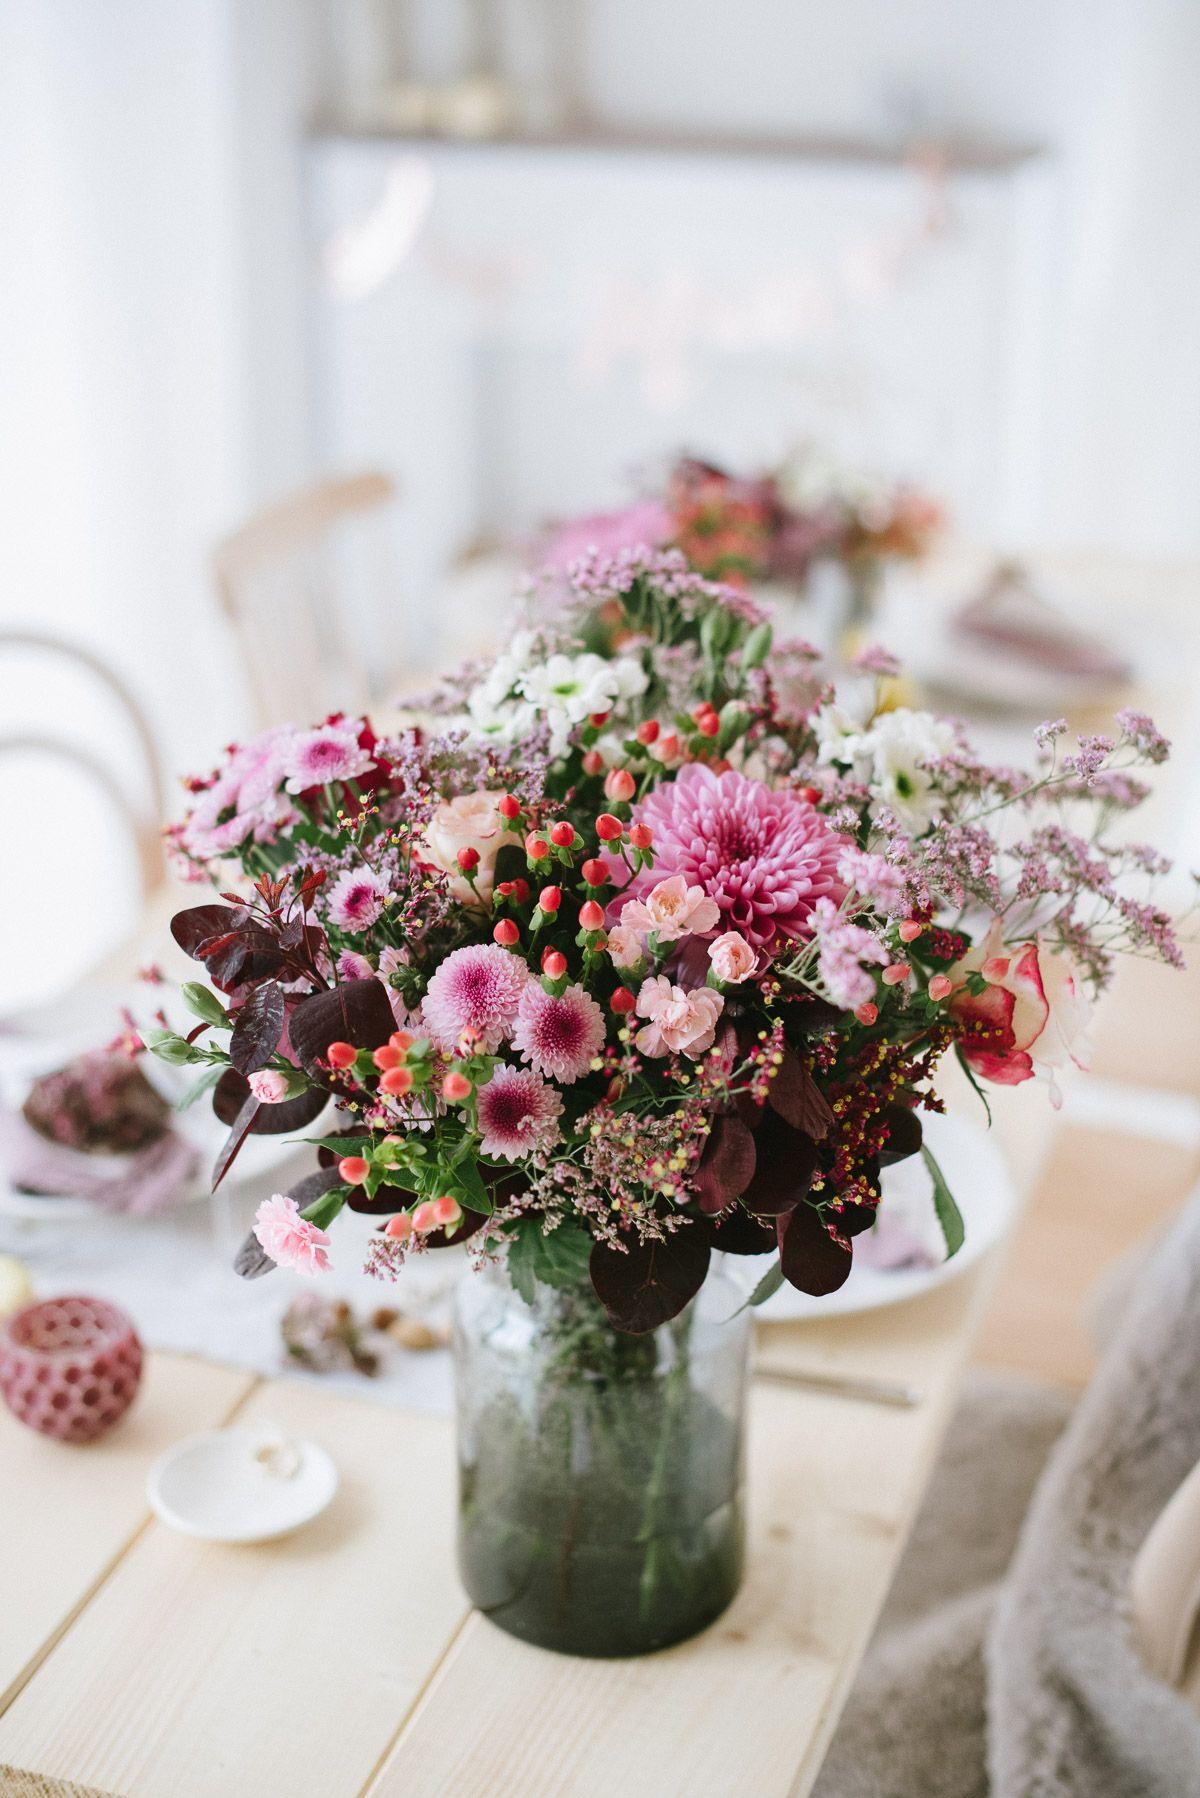 Chrysanthemen Beeren Nüsse Leinen Dekoration einer